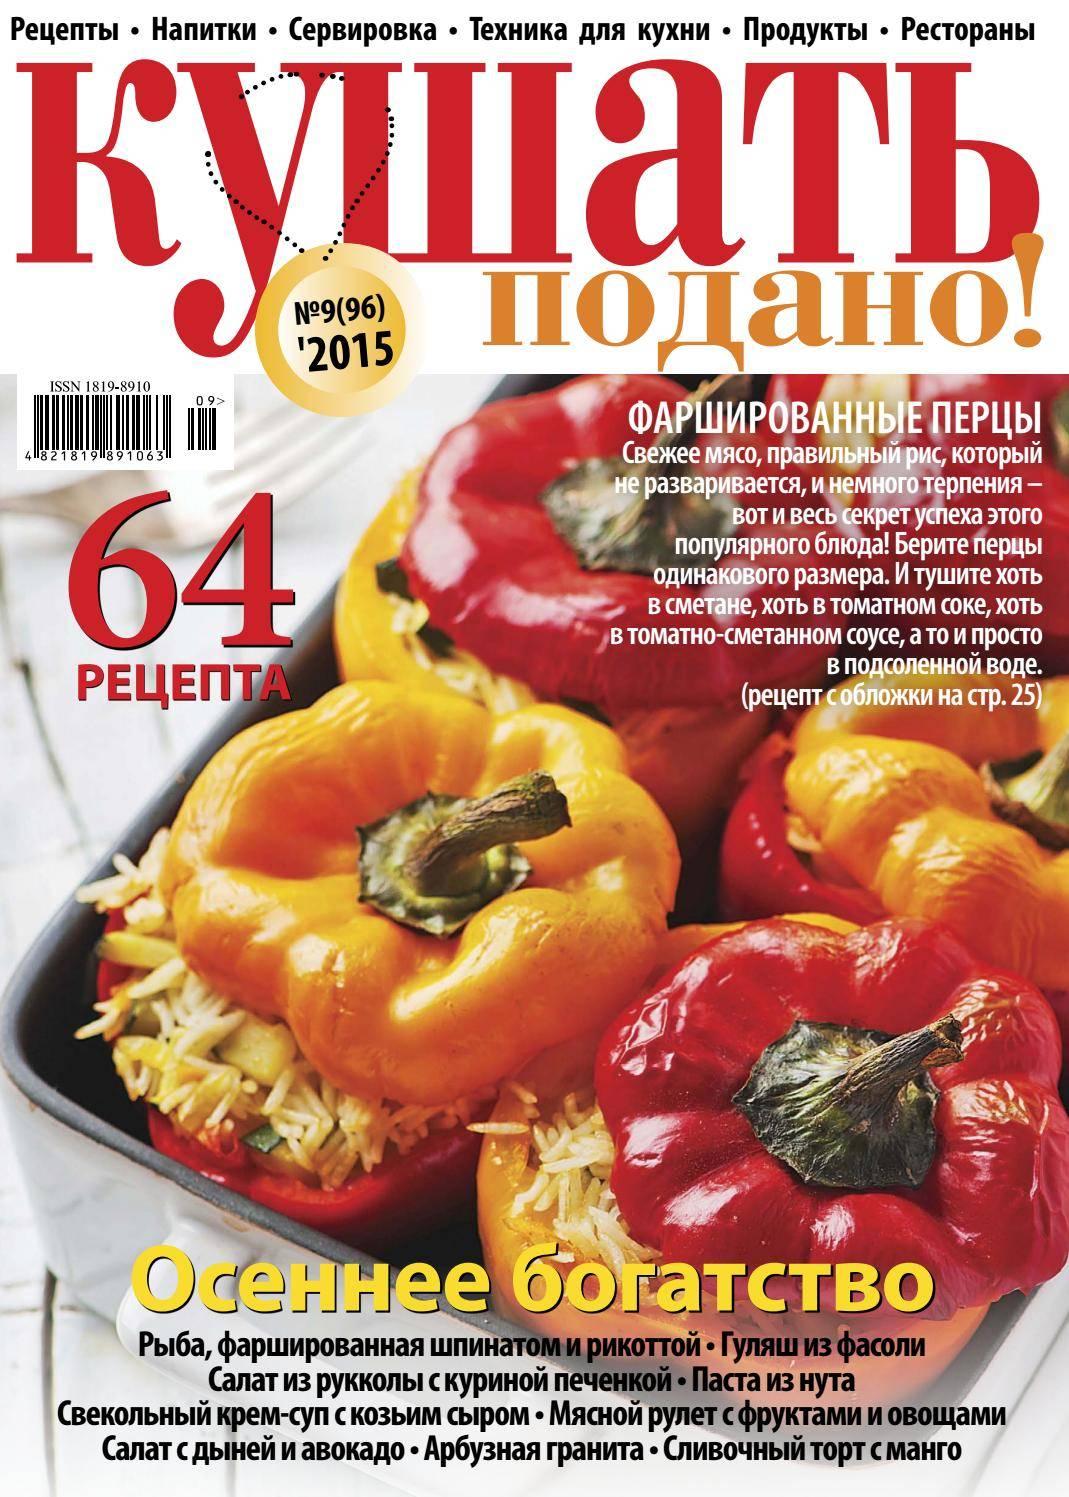 11 освежающих рецептов напитков и блюд с арбузом